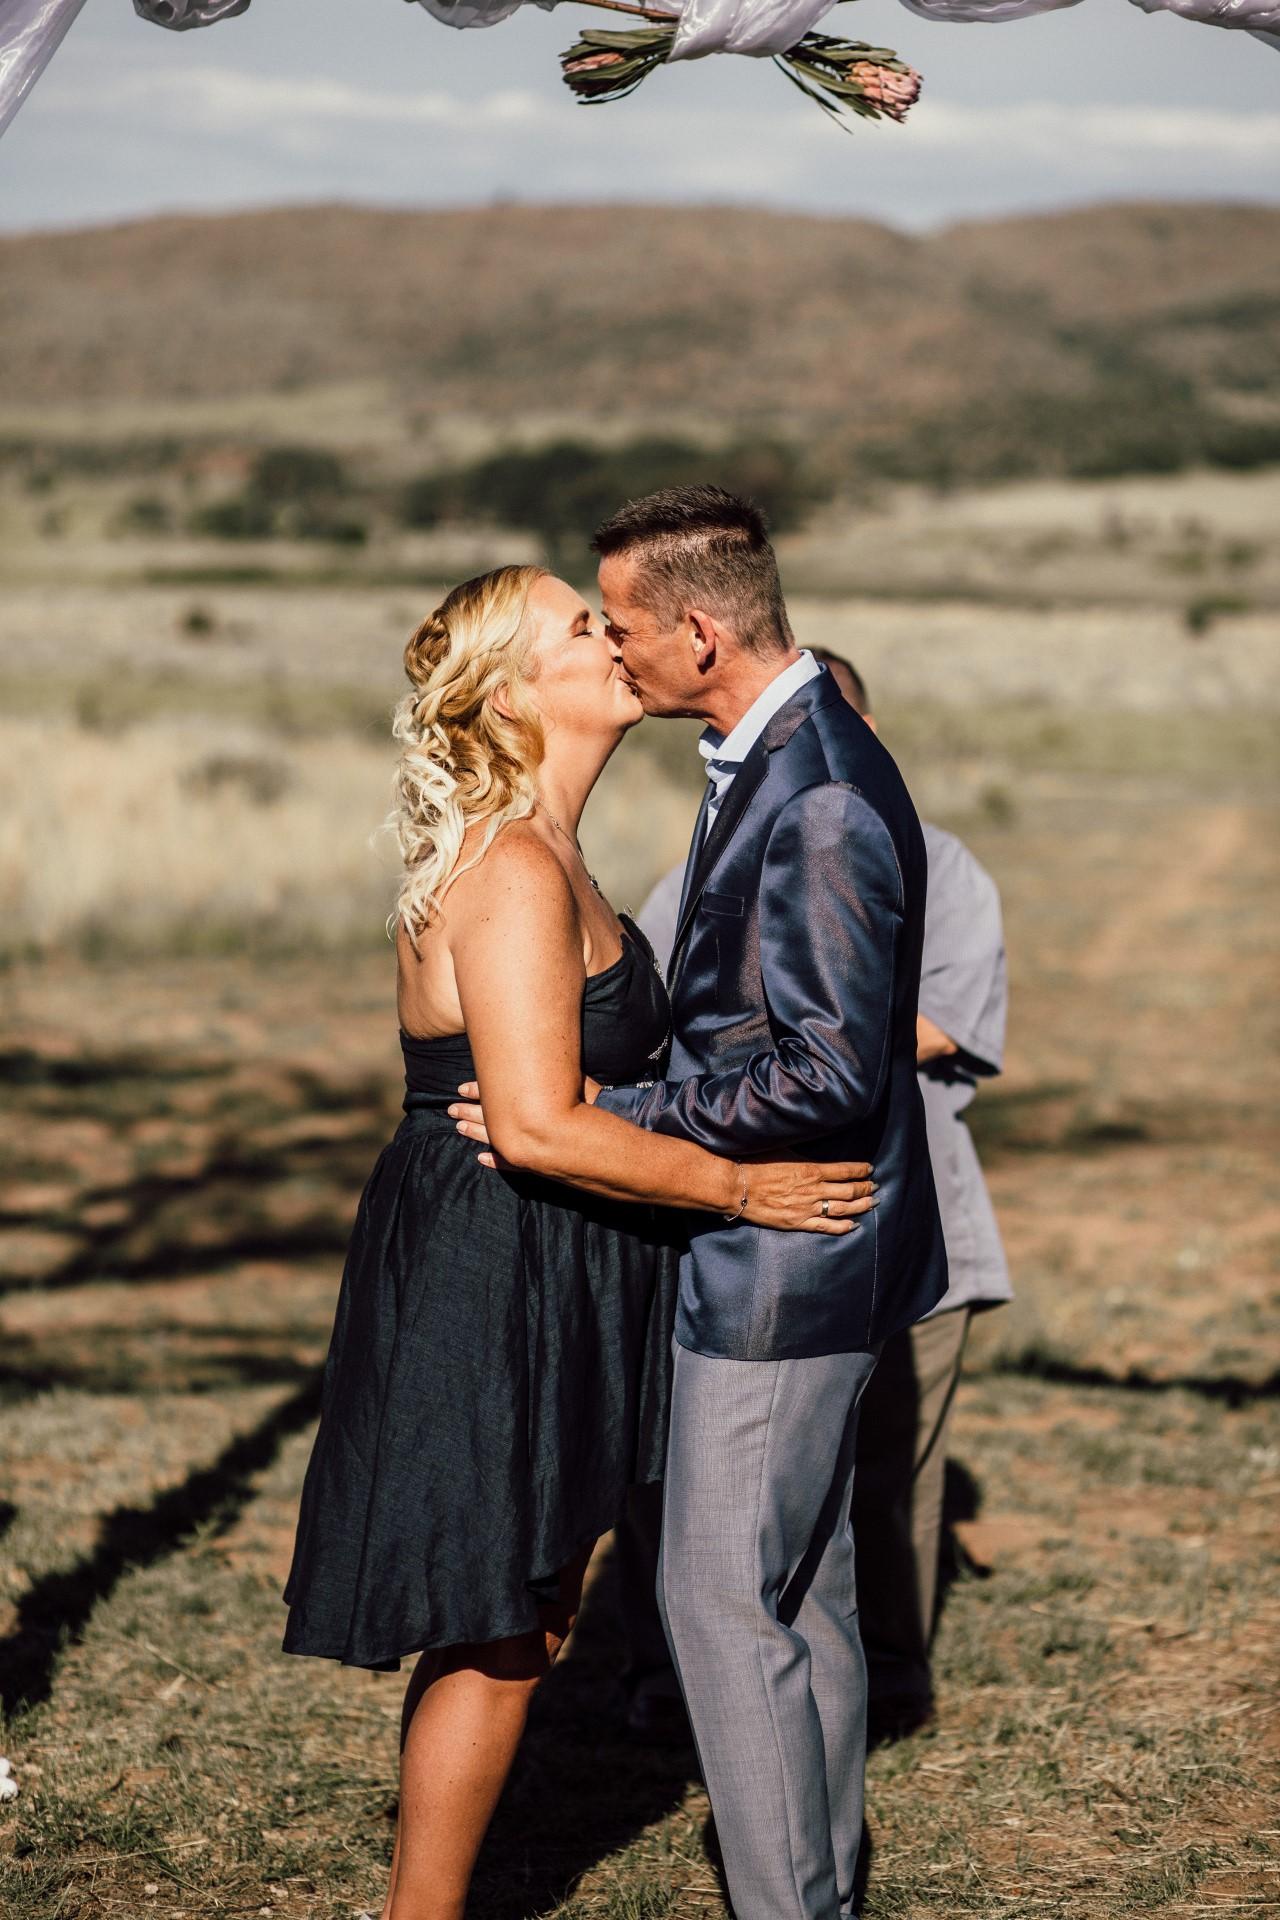 Droombruiloft trouwen in het buitenland